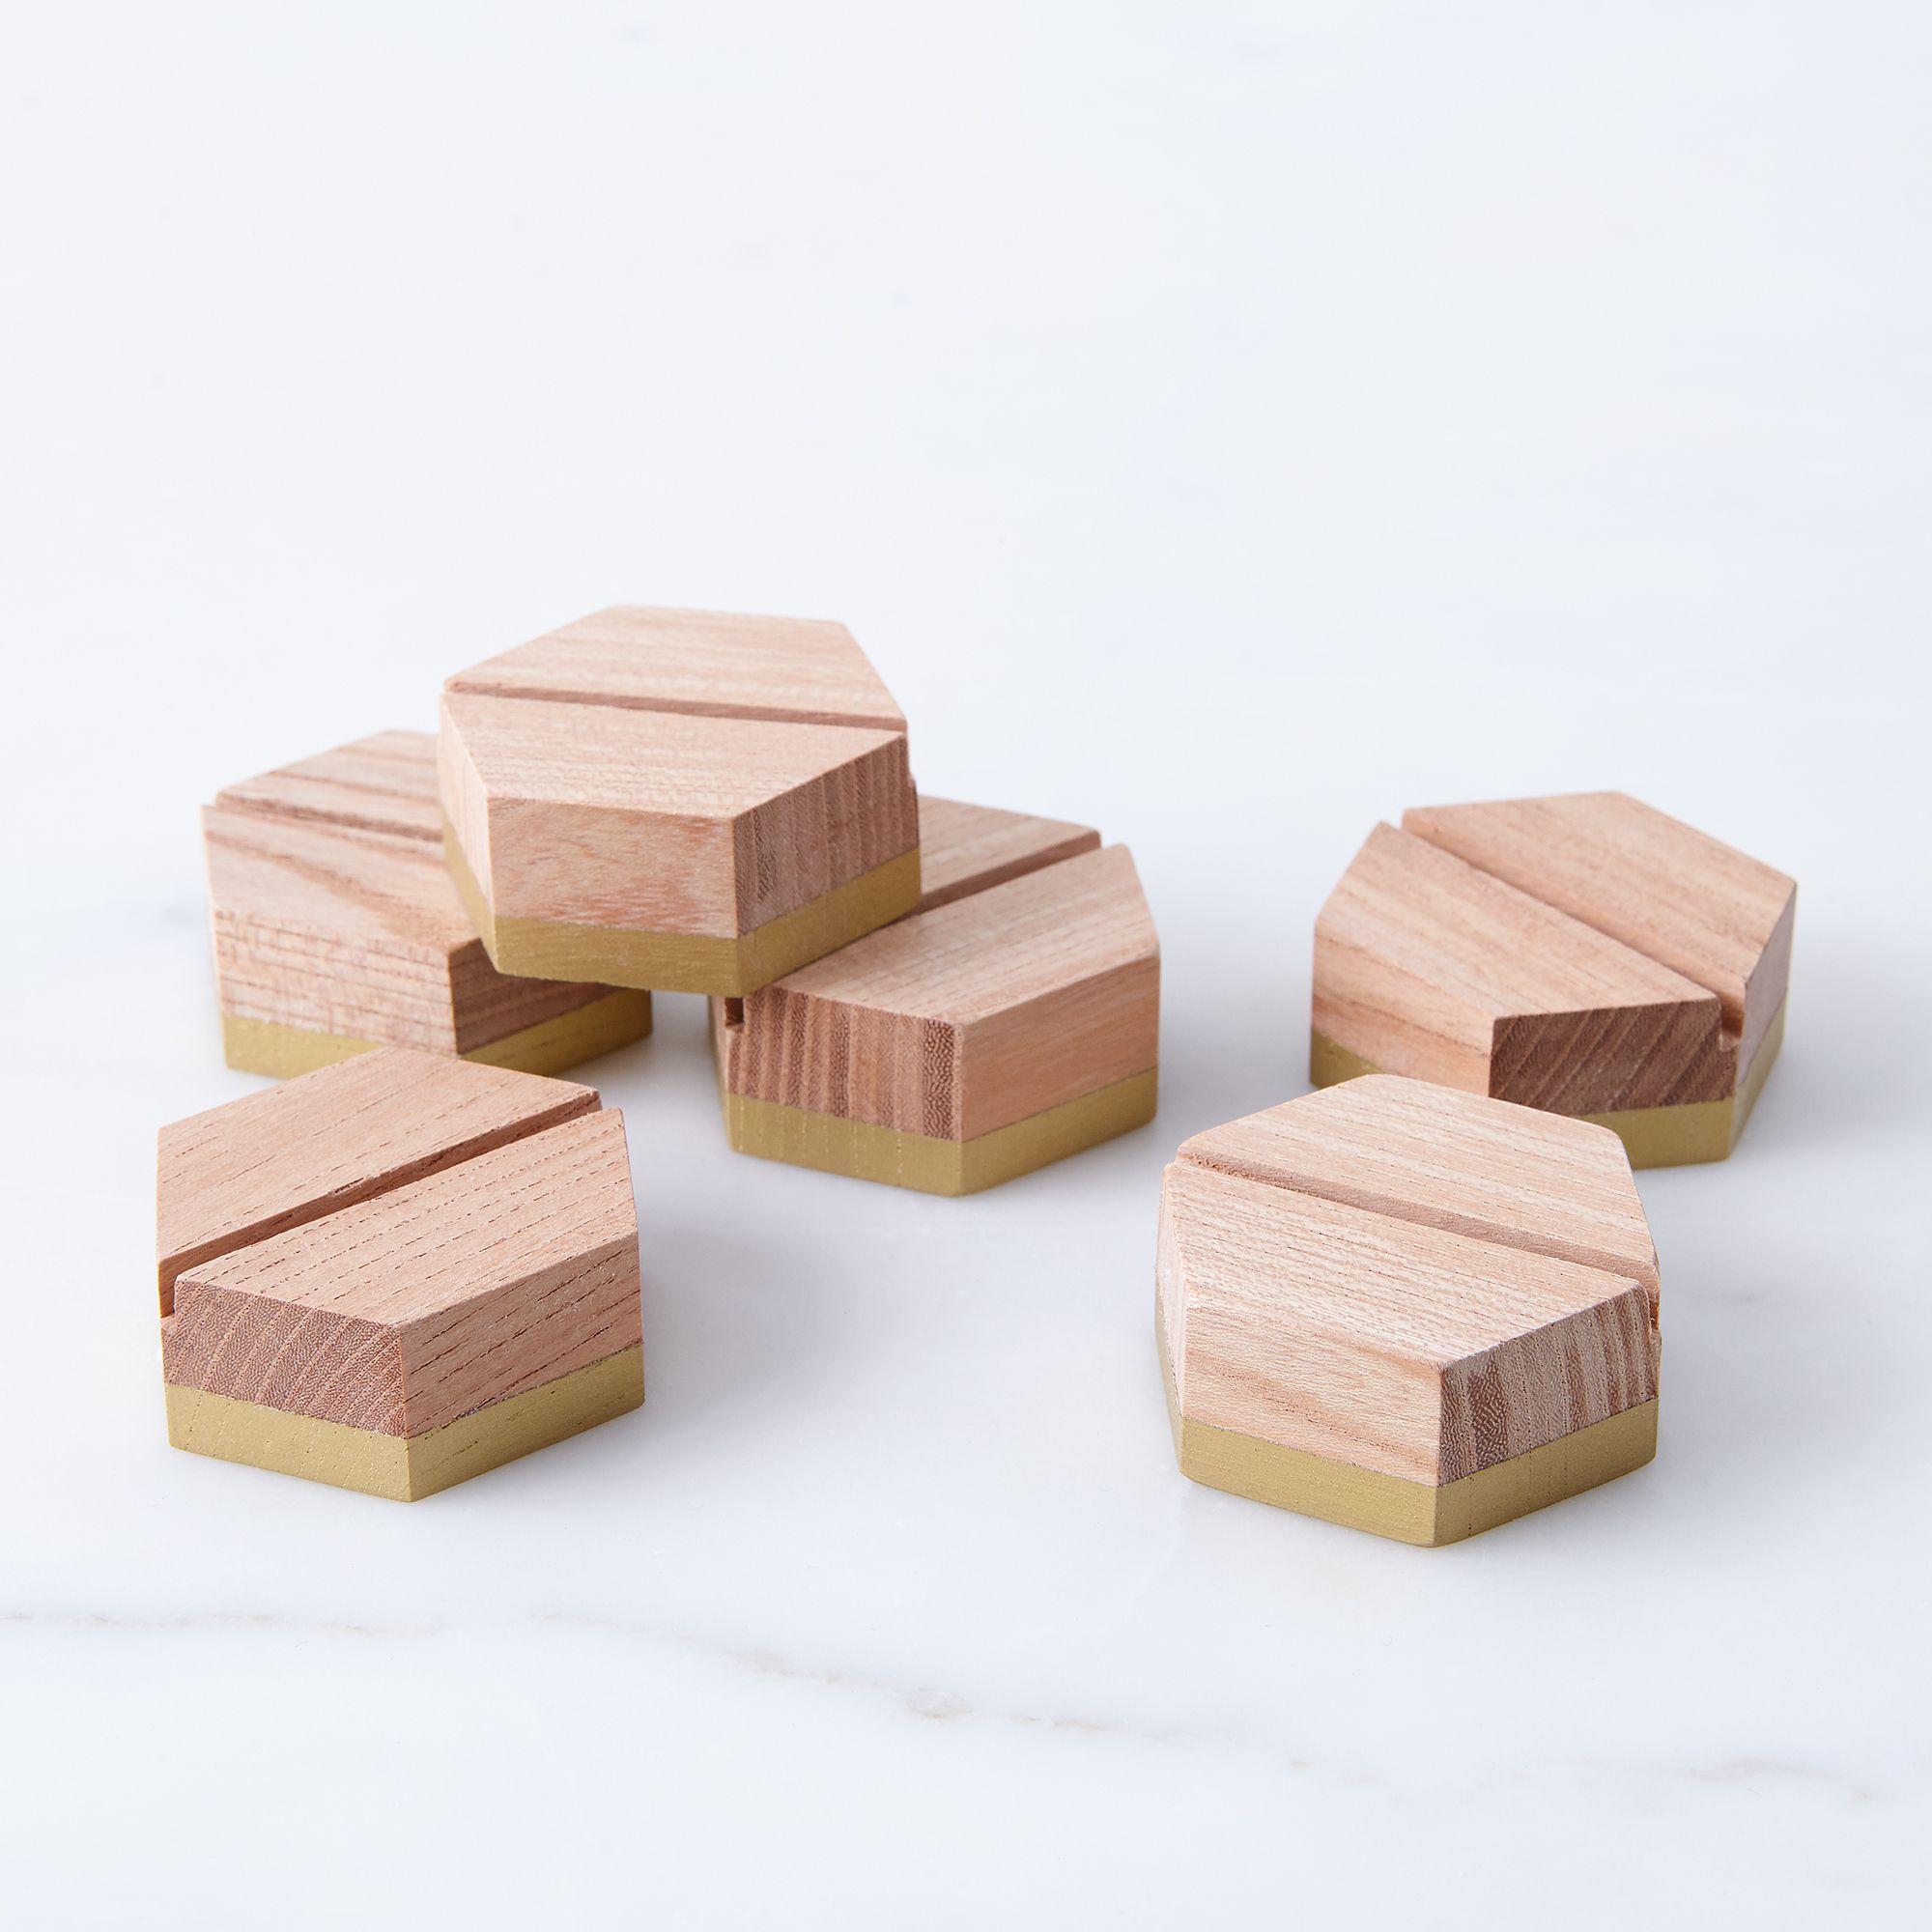 Geometric Placecard Holders Set Of 6 On Food52